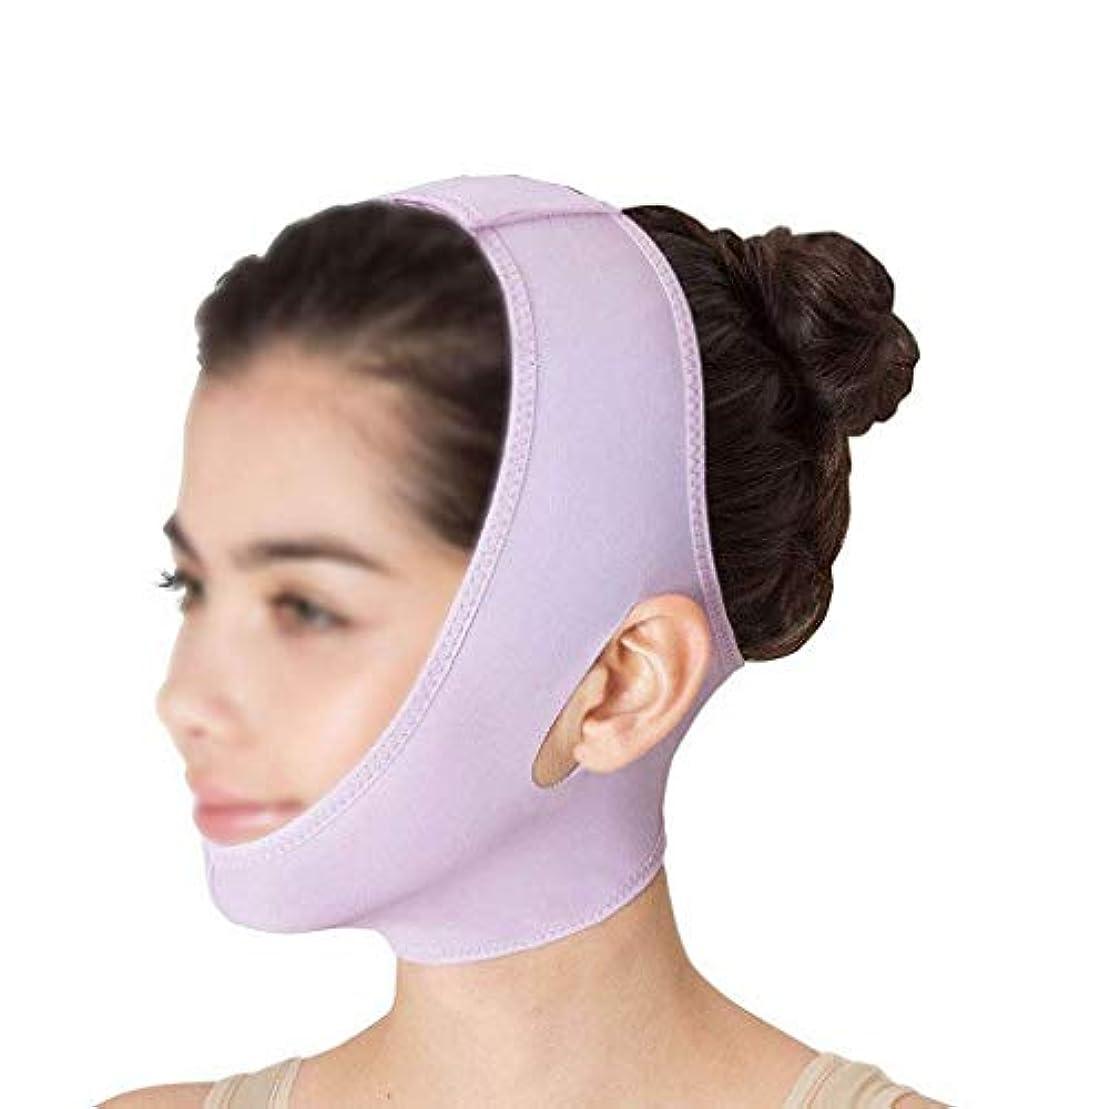 重荷動脈つかの間薄いフェイスマスク ビームフェイス、薄いダブルチンでスリーピングマスクの下の頬を防ぎ、小さなVフェイスを作成